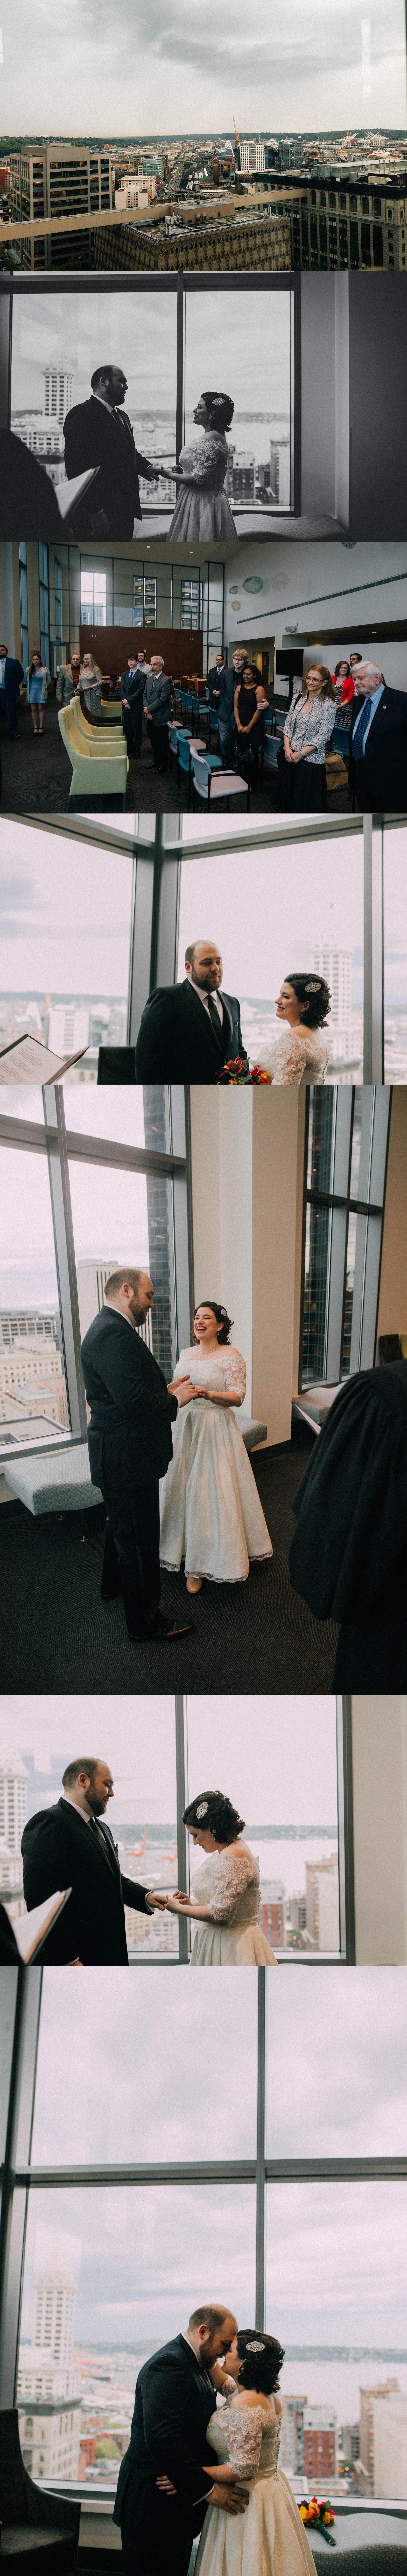 seattle washington courthouse wedding photographer elopement photographer-103.jpg